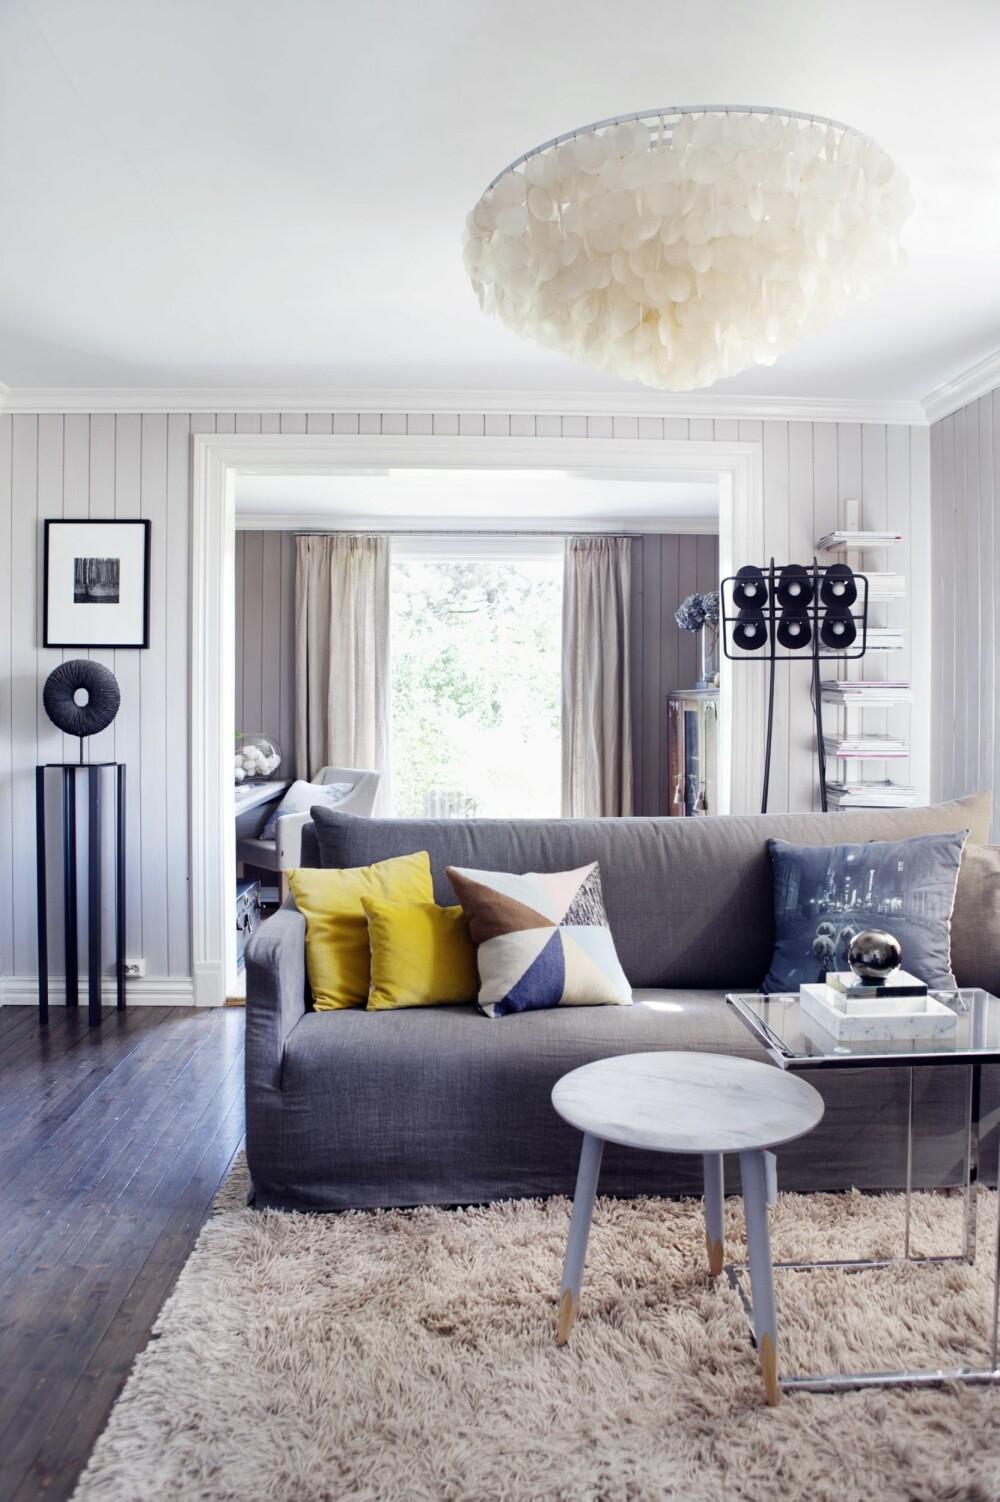 DELIKAT: Brede døråpninger mellom stuene bidrar til følelsen av luft og rom. Ved å velge en litt mørkere nyanse (fargekode S2002-R50B) på det ytterste rommet oppnås en fin dybdefølelse. Høyblanke lister blir en elegant kontrast til det malte rupanelet og det beisede gulvet. Sofa fra Hoffz/Edda Interiør, glassbord fra BoConcept/Skeidar, trebord Hoof fra &Tradition. De gule putene har Birgit sydd selv, strikkeputen er fra Bolina, puten med svart-hvitt trykk fra Edda Interiør. Pidestall fra ShiShi, figur fra Konzept H-P, stålampe fra Seletti. Taklampen er fra Jane Doe, en butikk som nå er nedlagt. Styling: Tone Kroken.